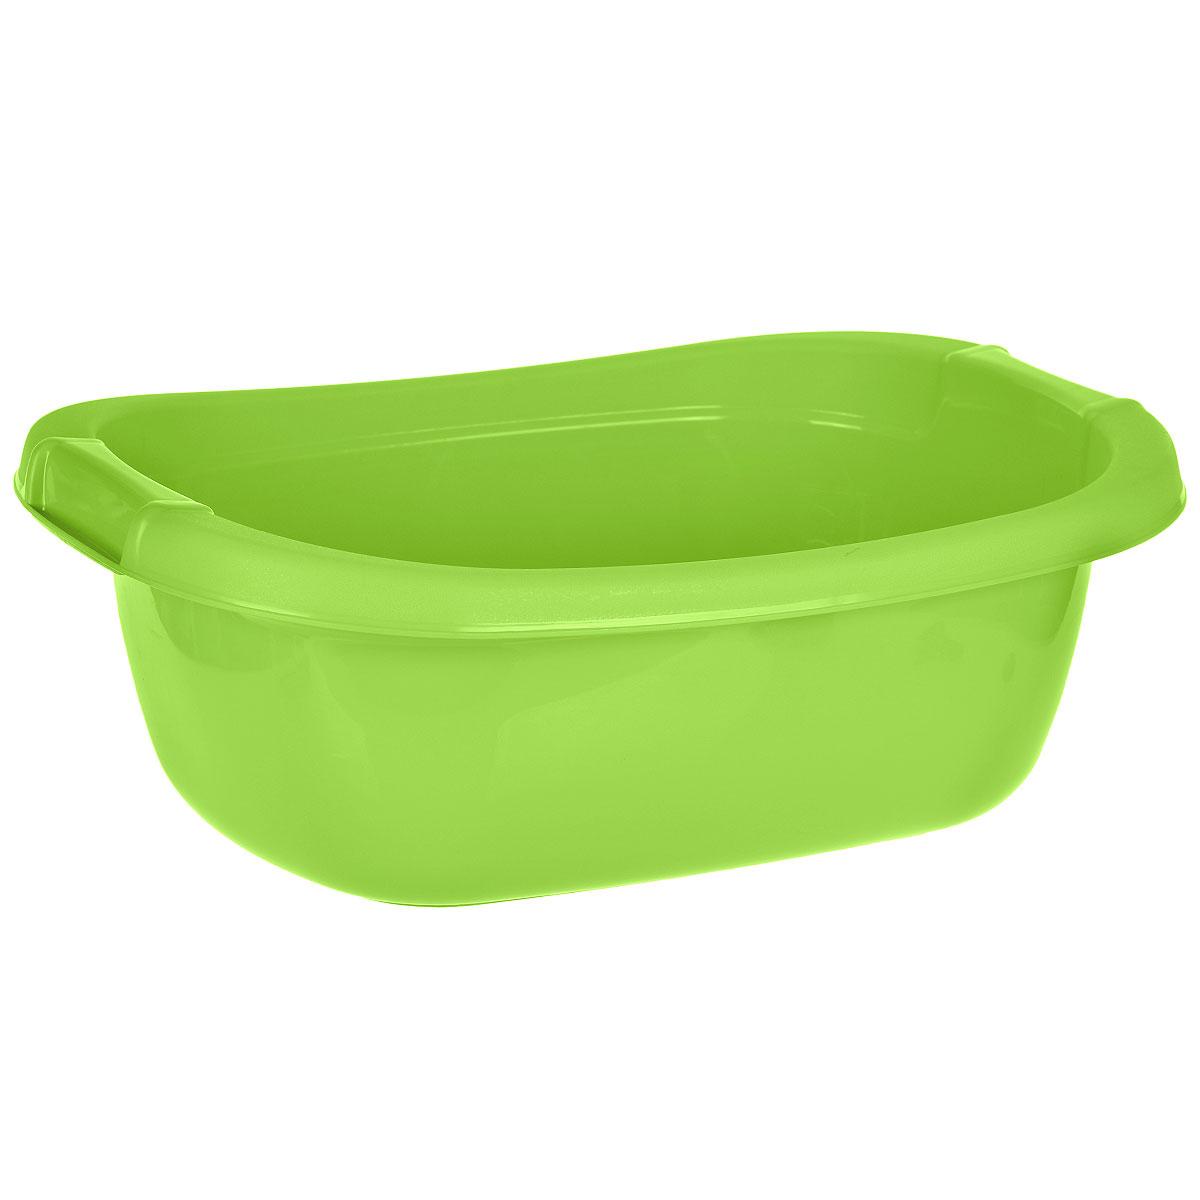 Таз Dunya Plastik, цвет: зеленый, 25 л5602зеленыйОвальный таз Dunya Plastik выполнен из прочного пластика. Он предназначен для стирки и хранения разных вещей. По бокам имеются углубления, которые обеспечивают удобный хват. Таз пригодится в любом хозяйстве.